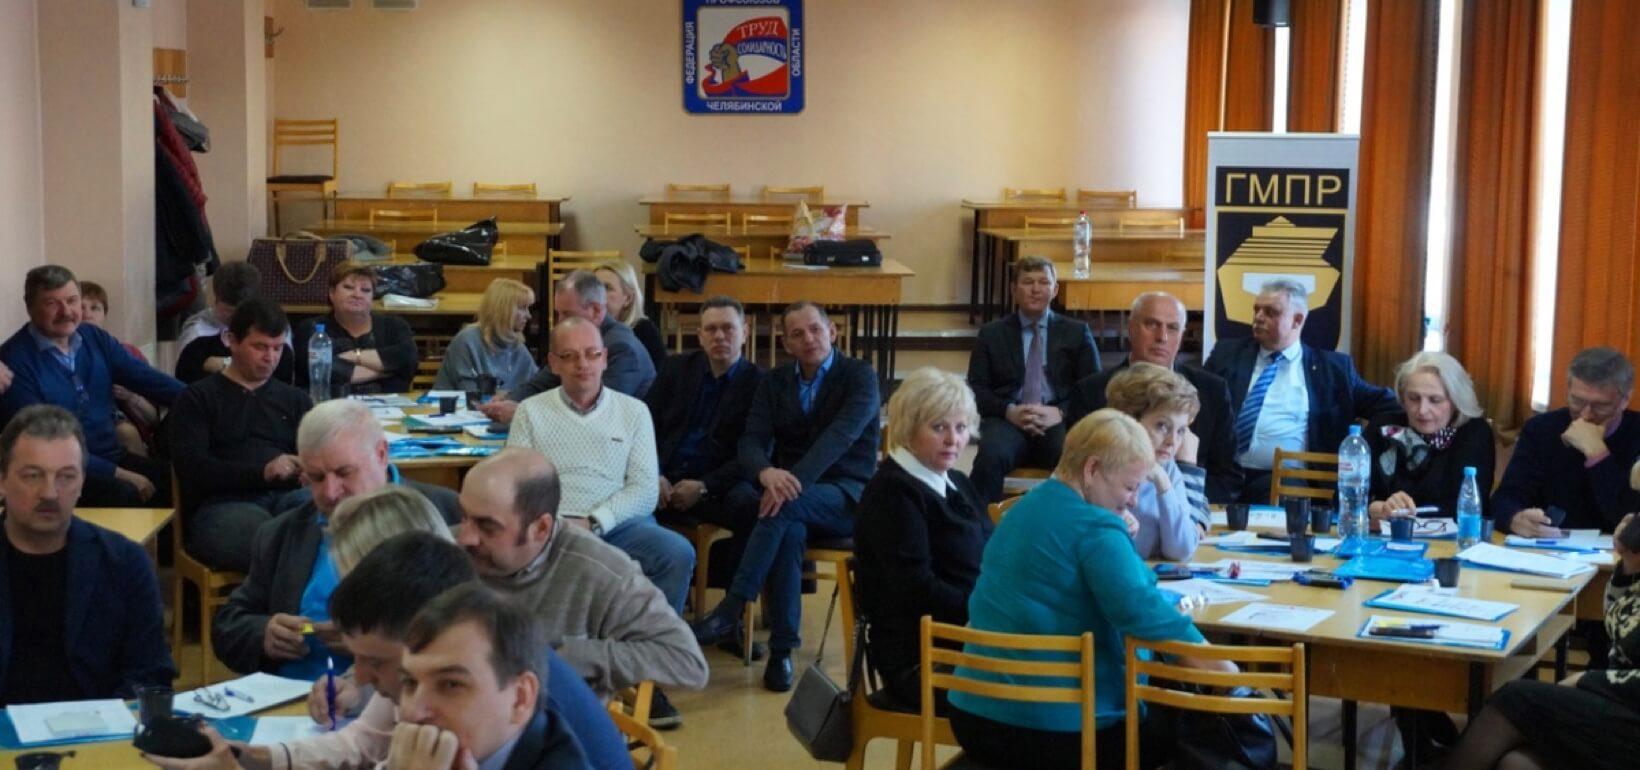 Профактив Челябинской областной организации ГМПР